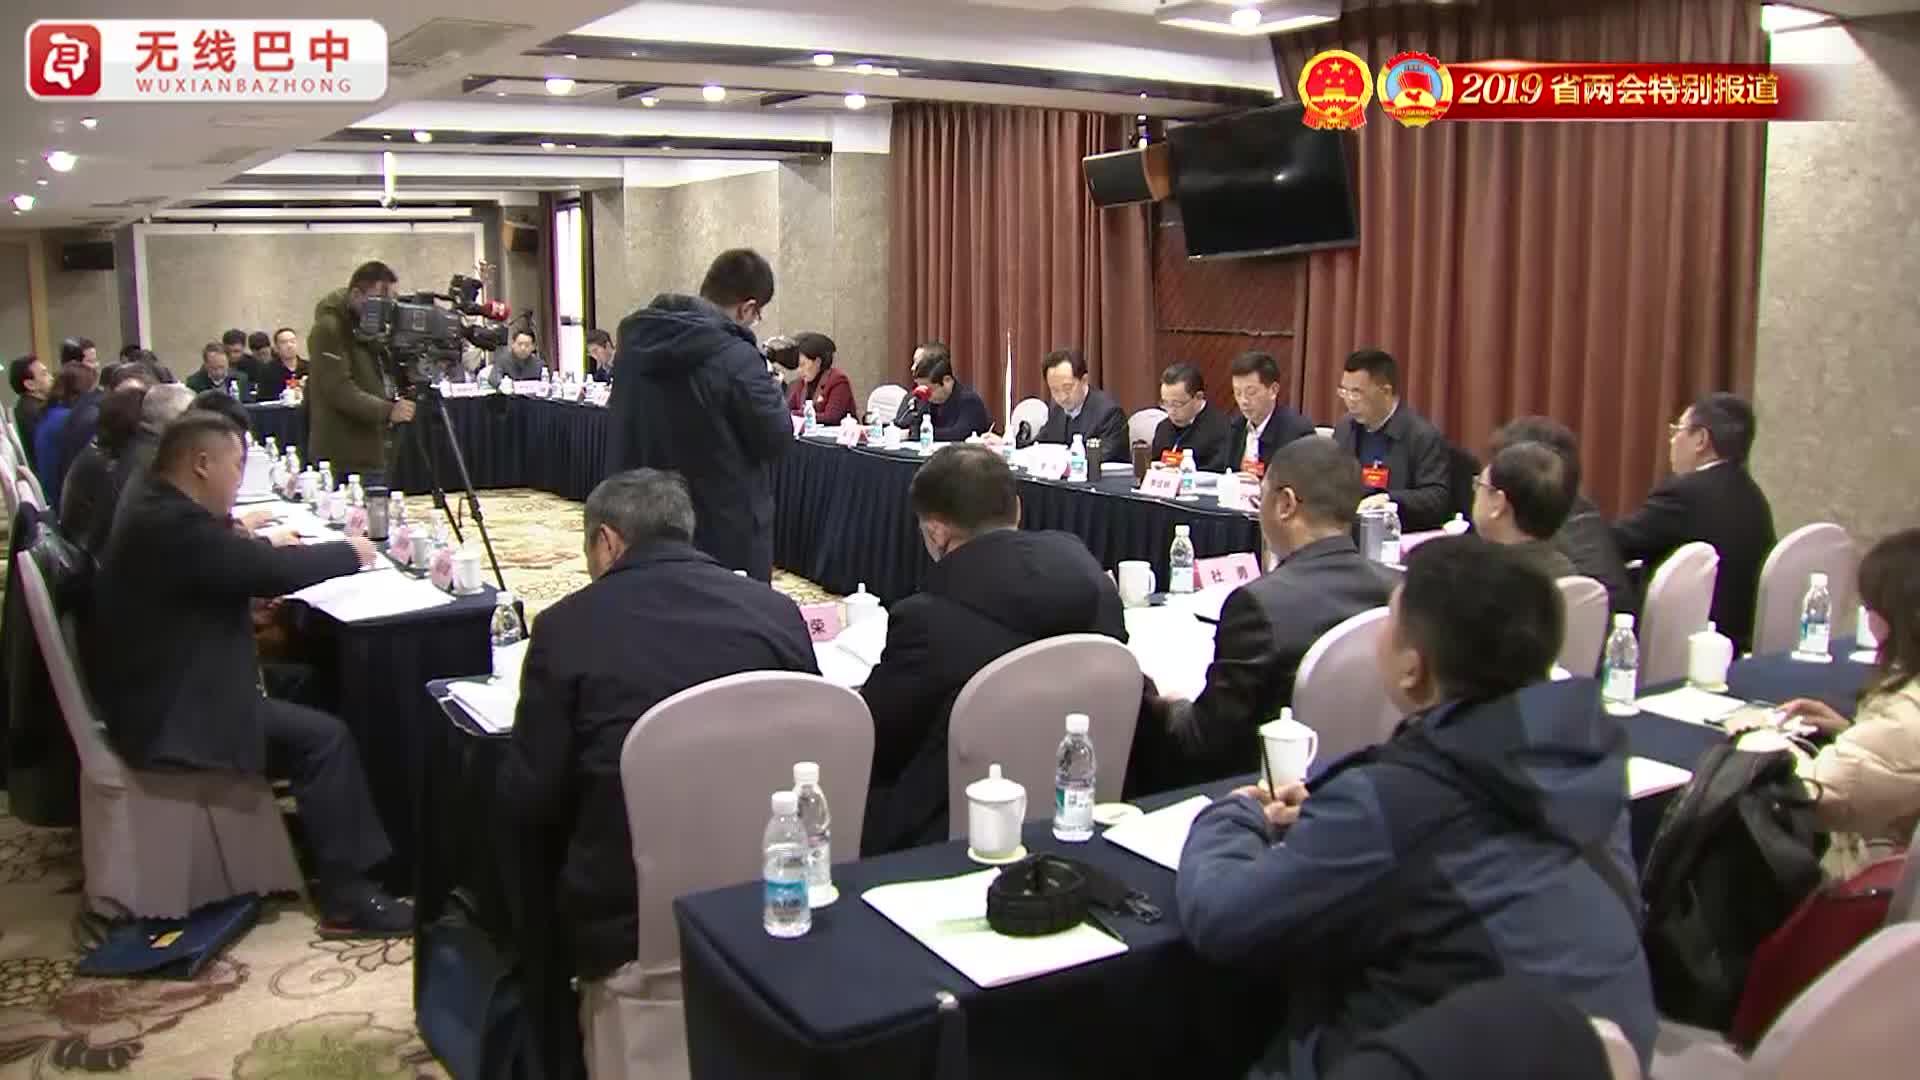 我市省政协委员积极参加分组讨论